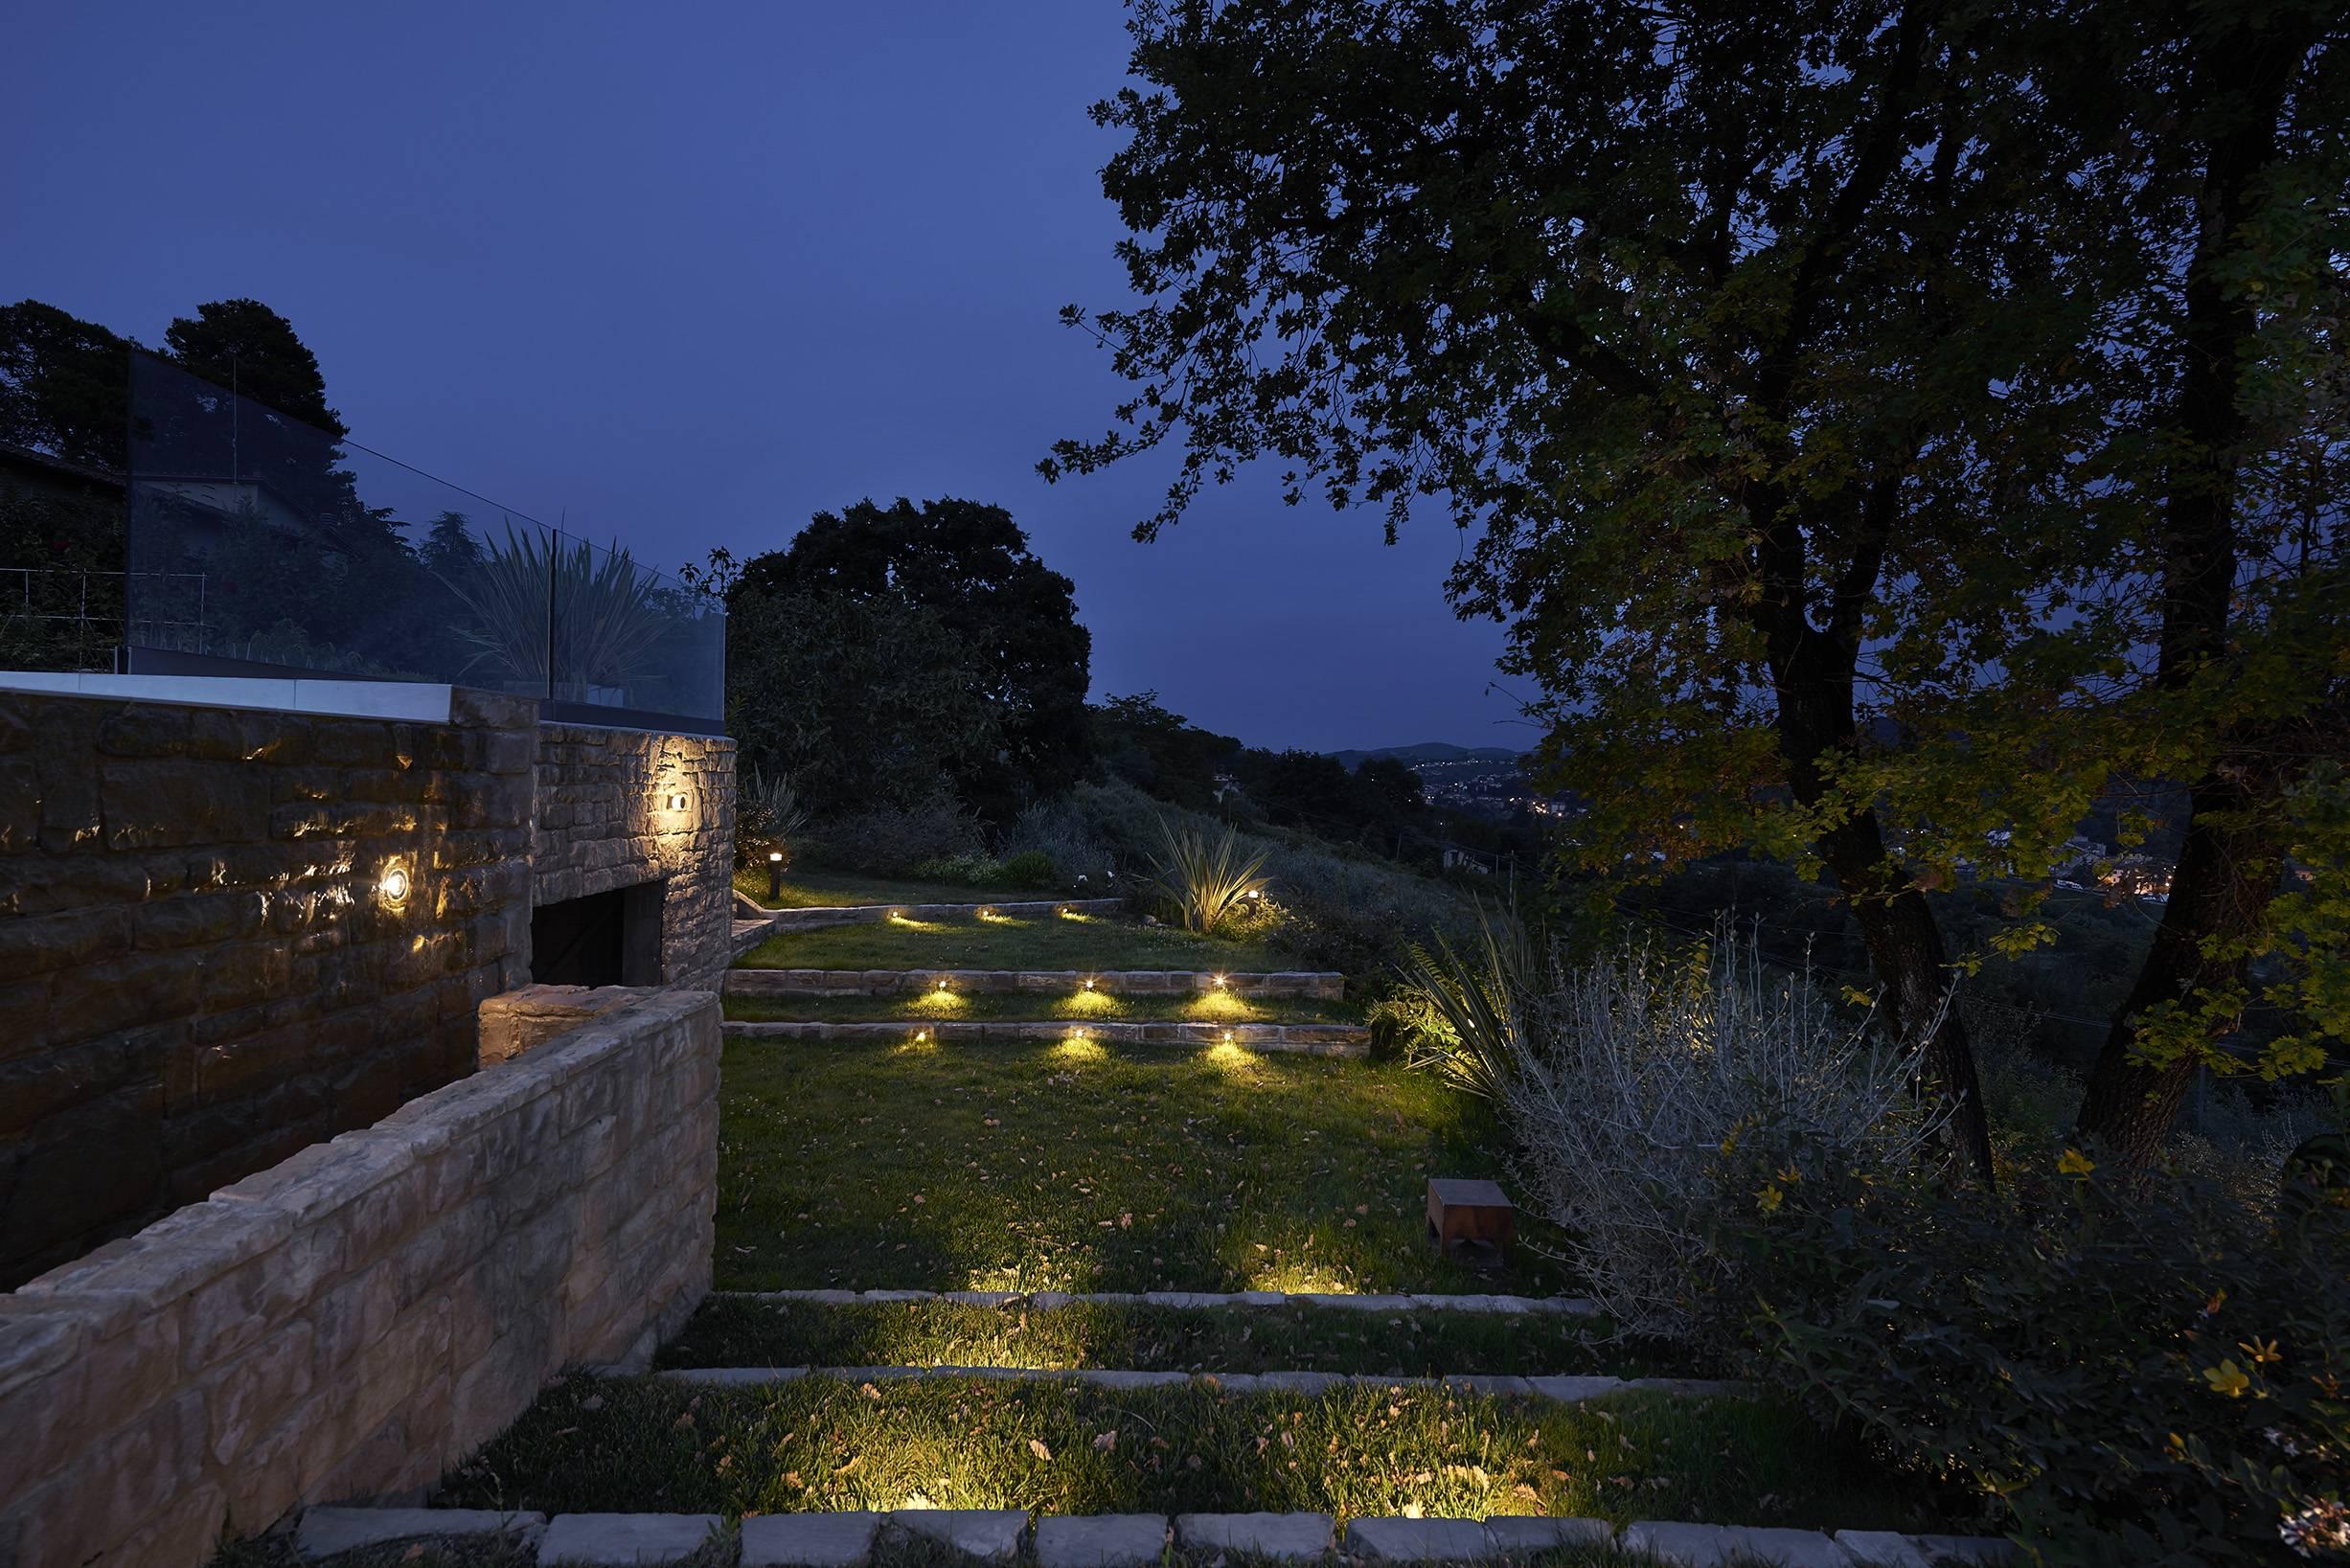 Progetti puraluce illuminazione esterna per villa privata signa